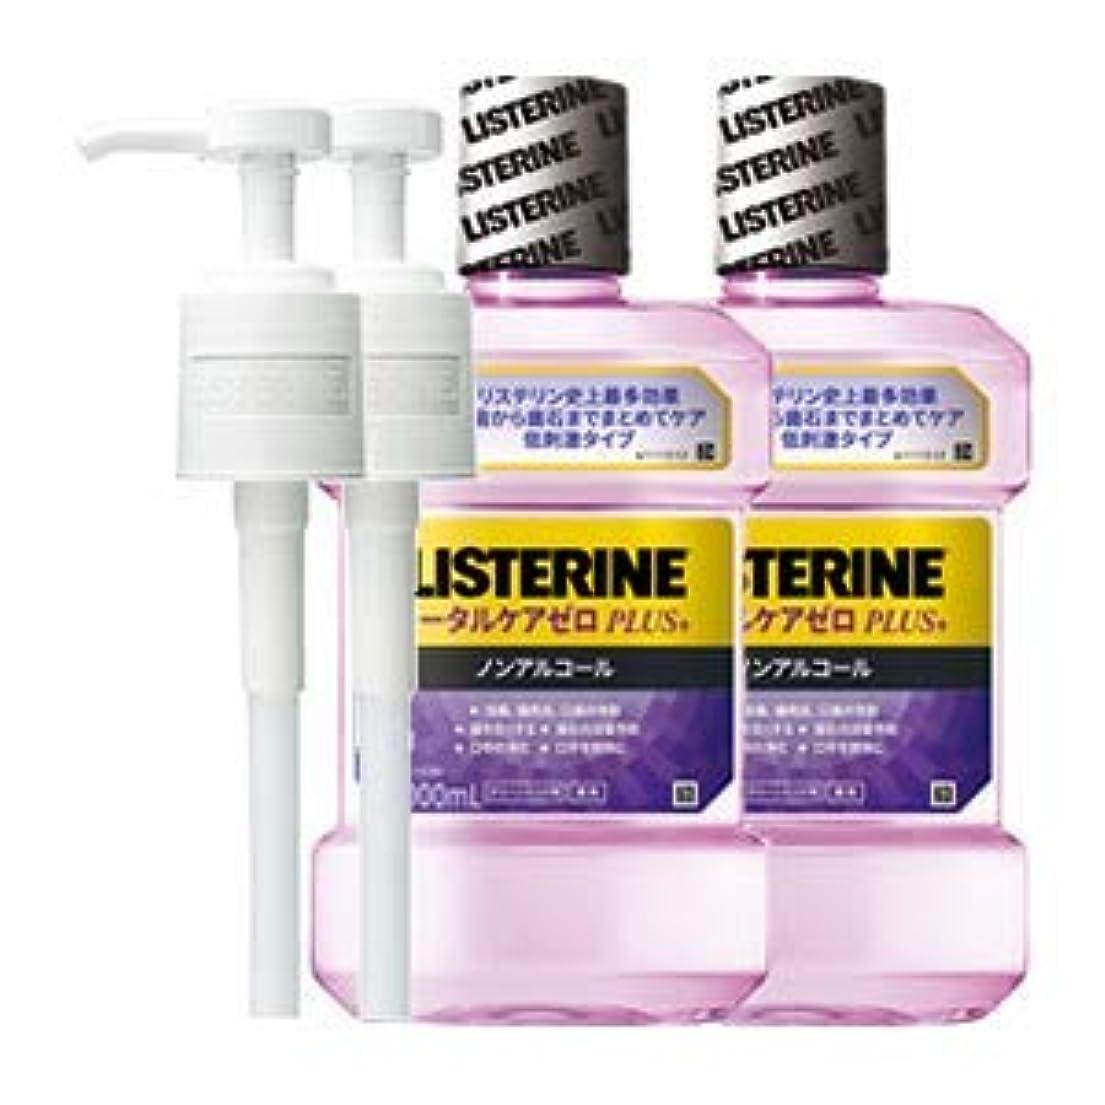 交通渋滞ほとんどの場合アカウント薬用リステリン トータルケアゼロプラス (液体歯磨) 1000mL 2点セット (ポンプ付)